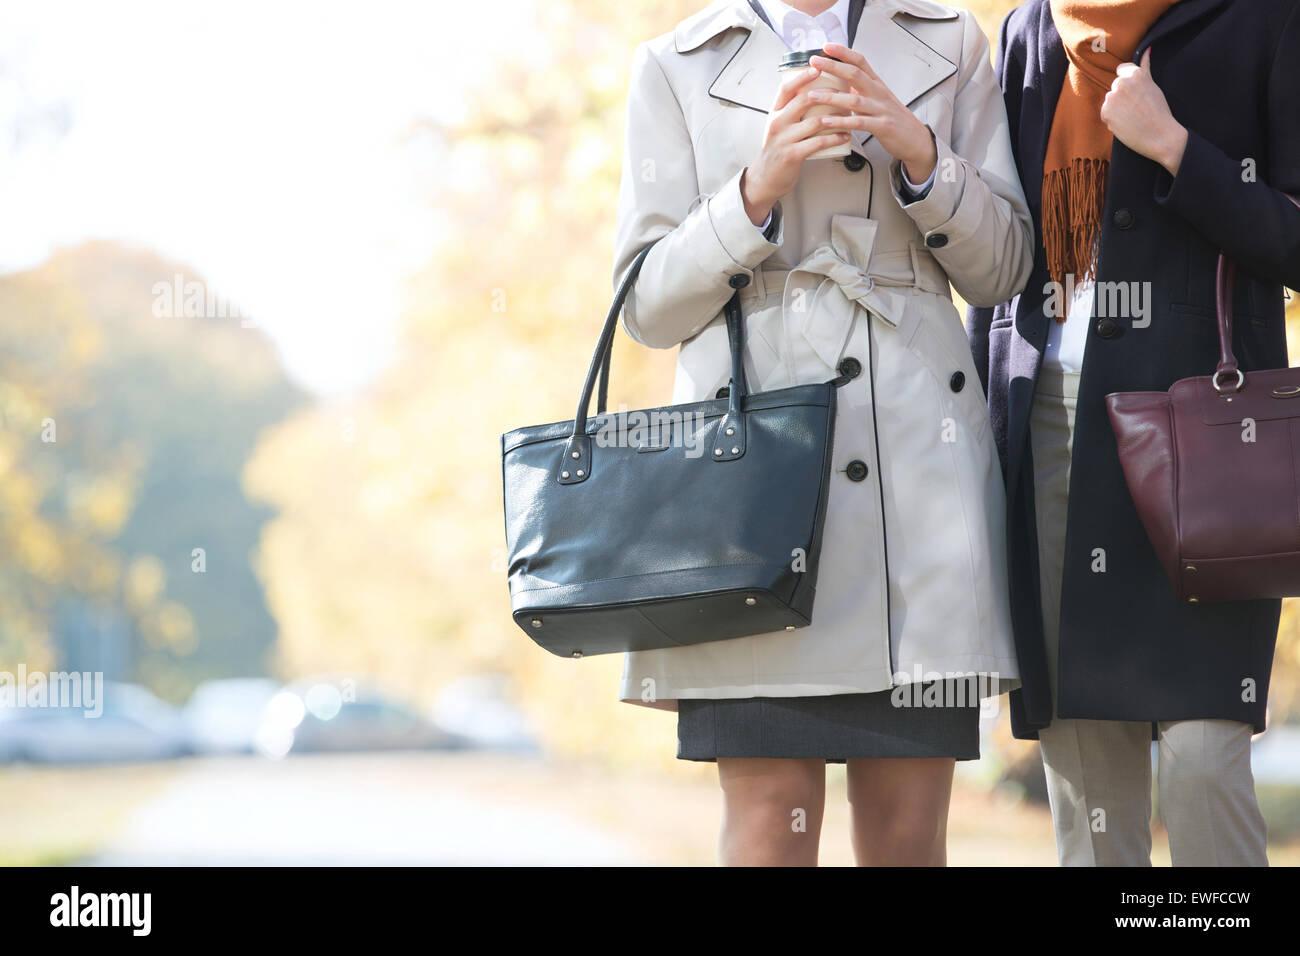 Sezione mediana di imprenditrici che trasportano portafogli in posizione di parcheggio Immagini Stock